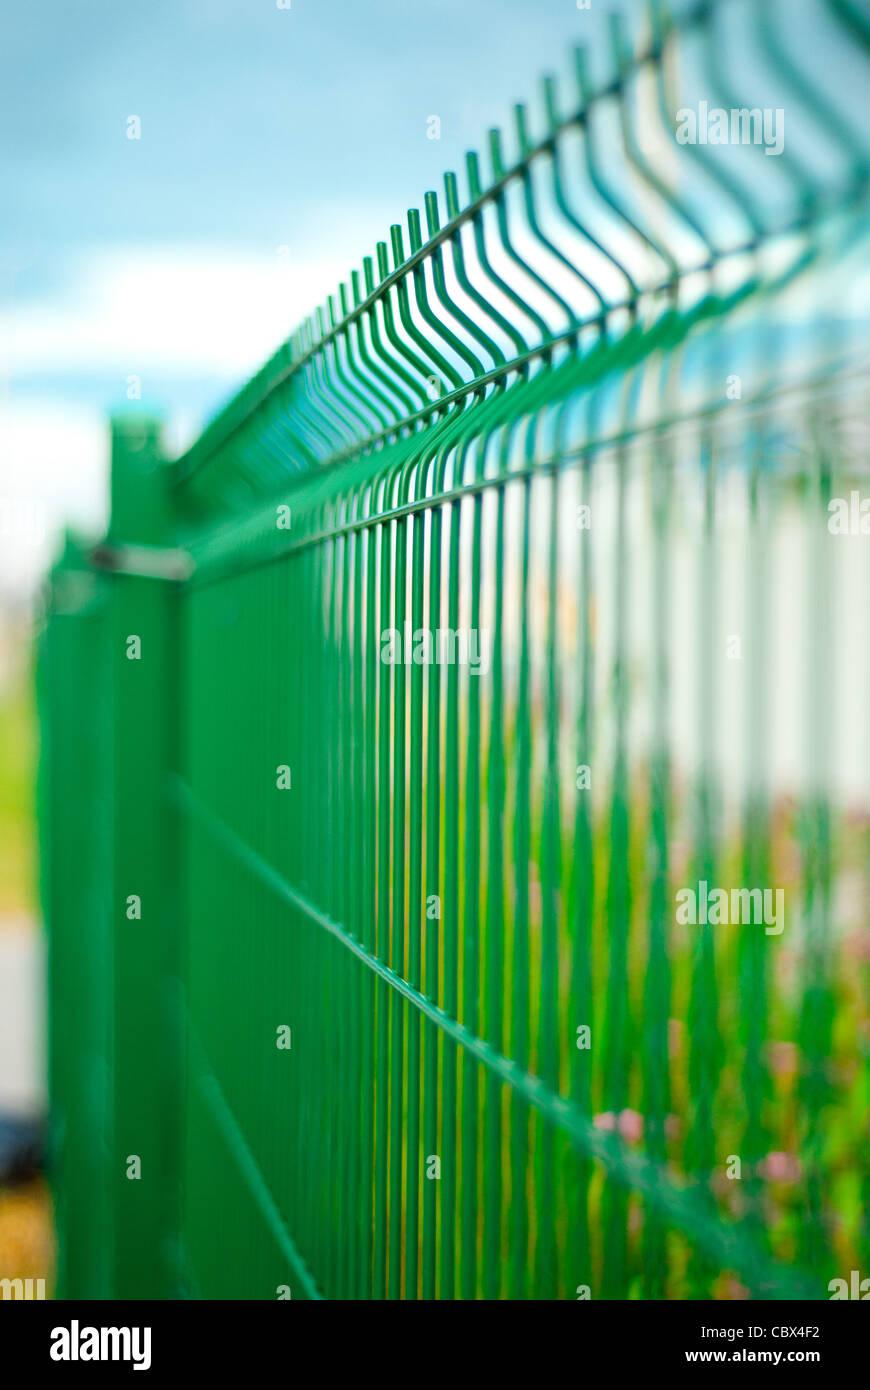 Protections, la défense, la garde et de toutes les choses liées à elle Photo Stock